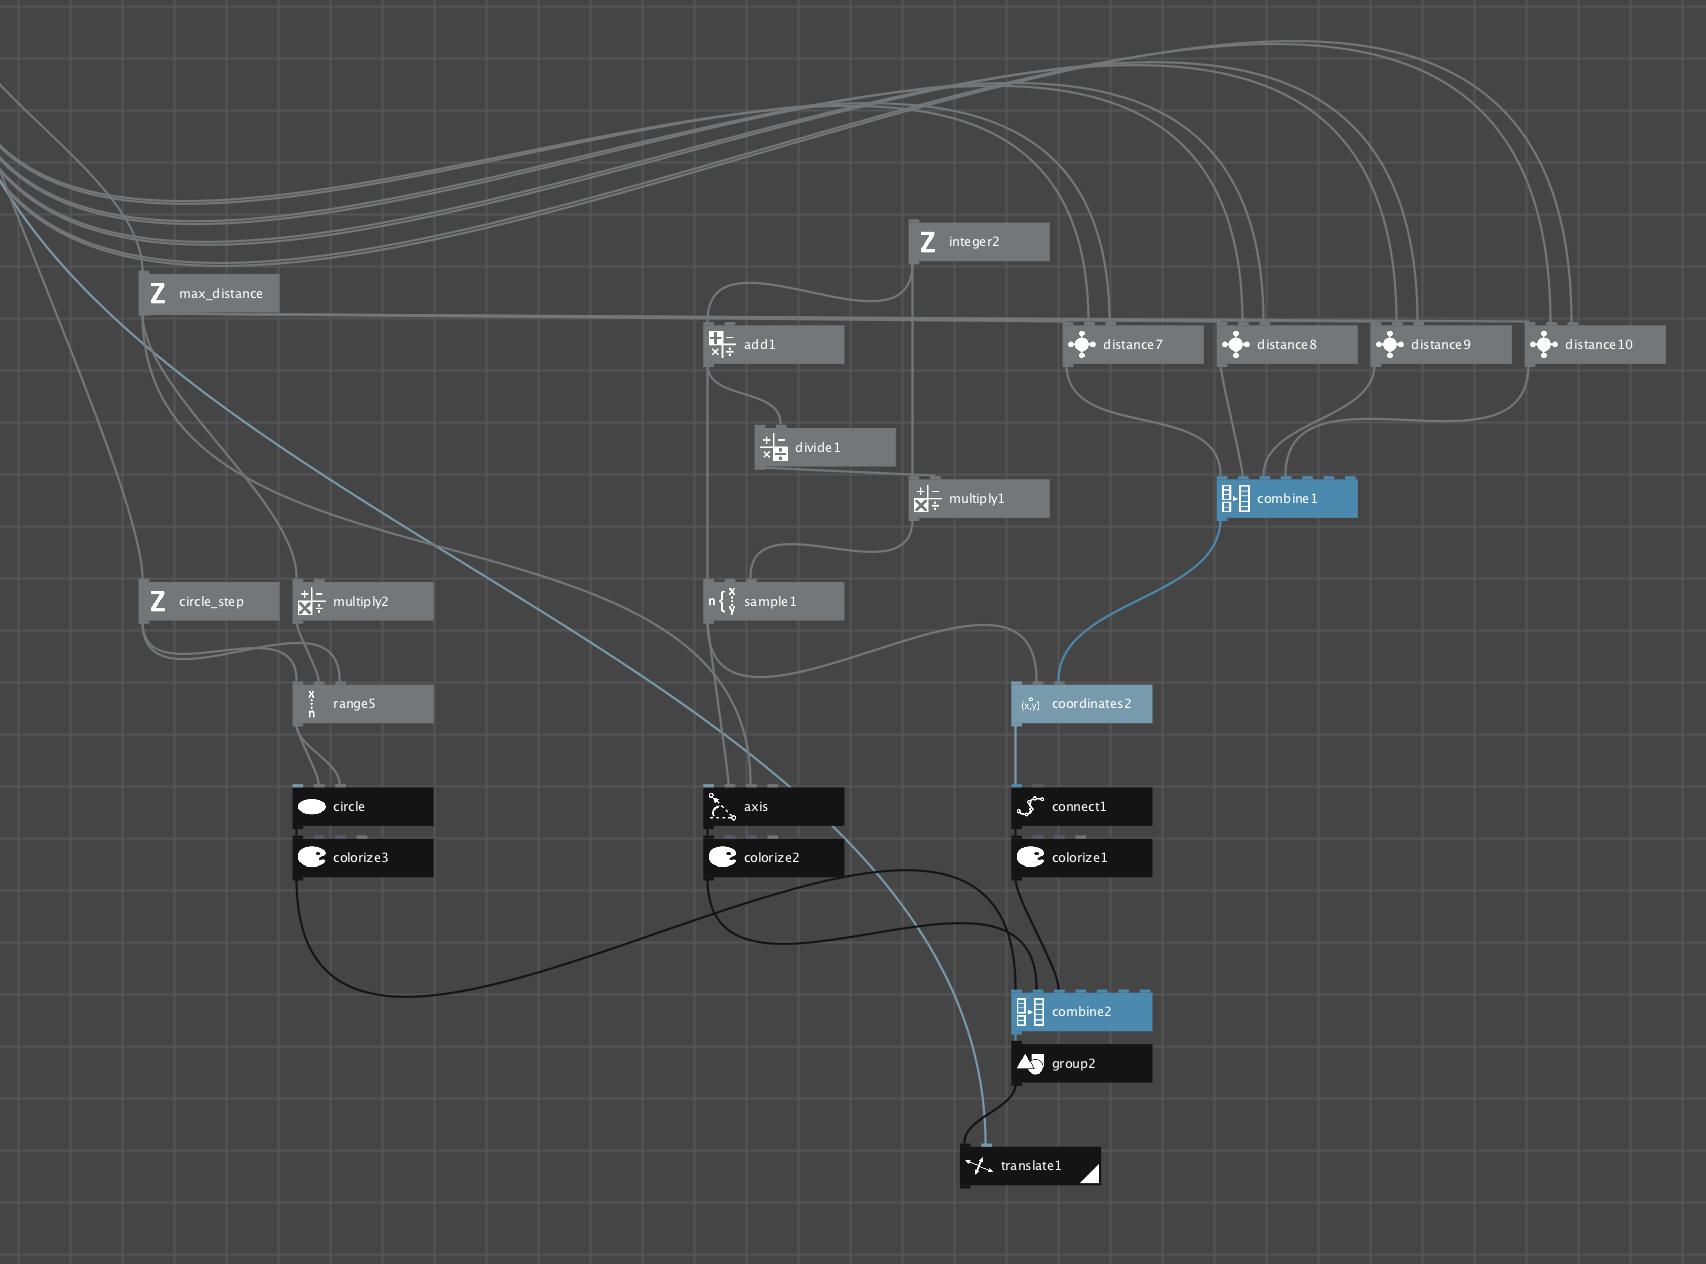 Radar_plot-radar_plot_network